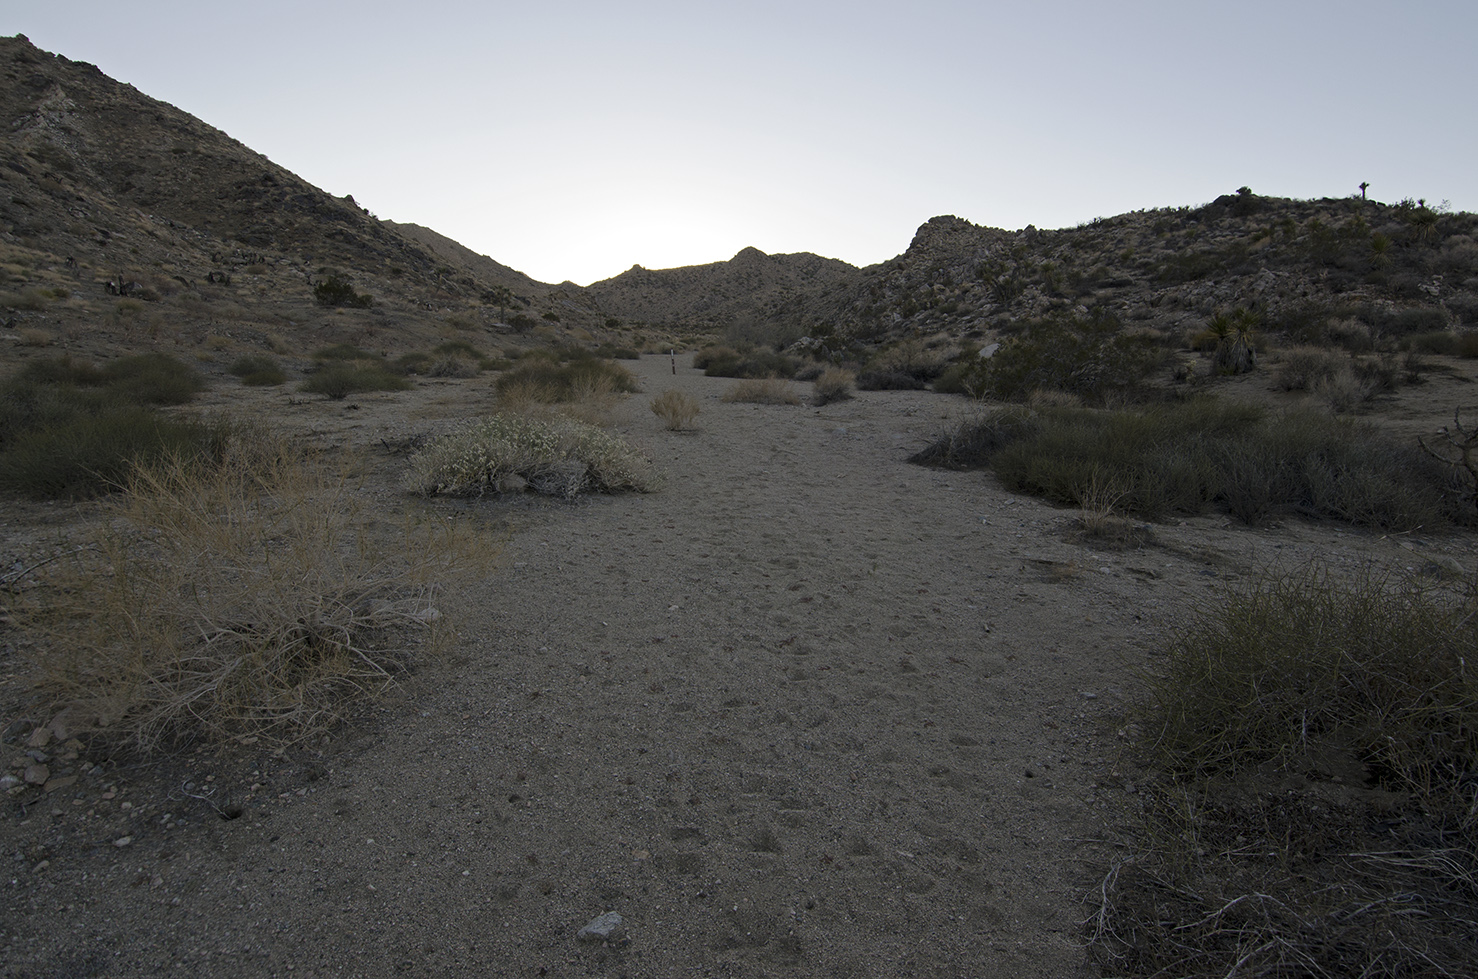 Pushawalla Canyon at Pinyon Well Junction